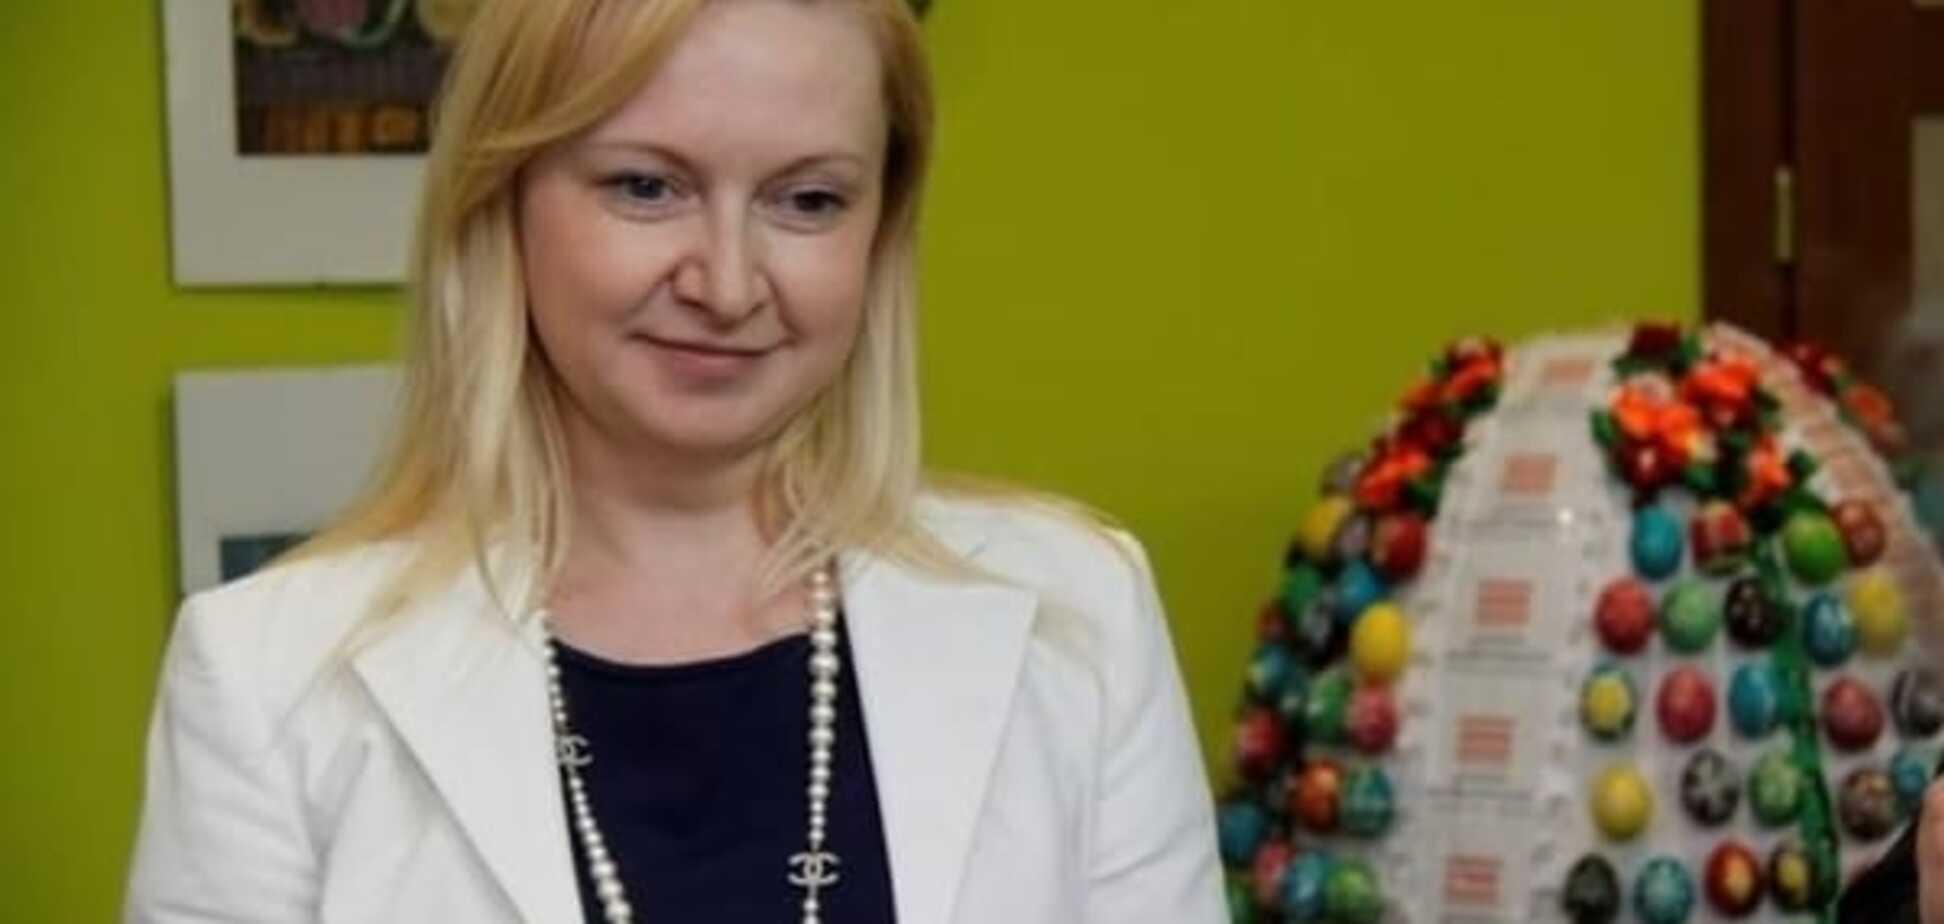 Вищий госпсуд погодився з багатомільйонною компенсацією коханці Януковича